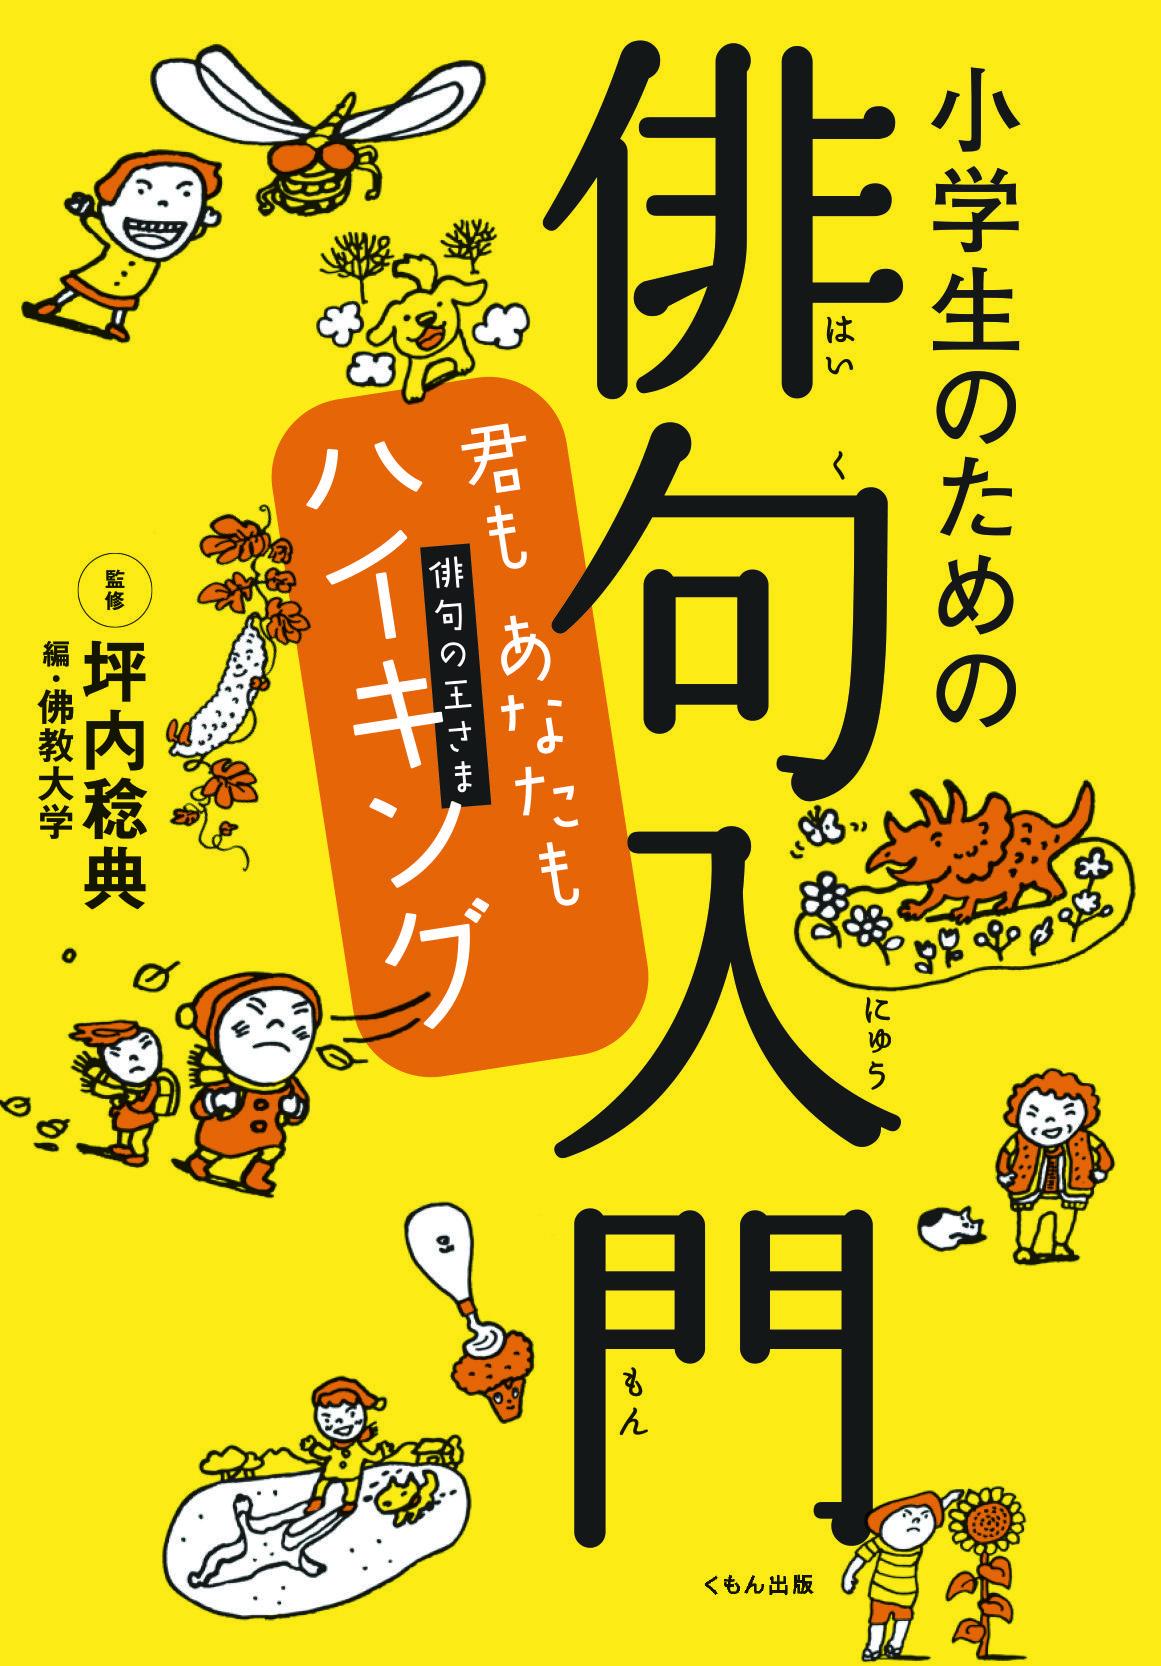 『小学生のための俳句入門 -- 君もあなたもハイキング』  「佛教大学小学生俳句大賞」10回記念書籍を出版!